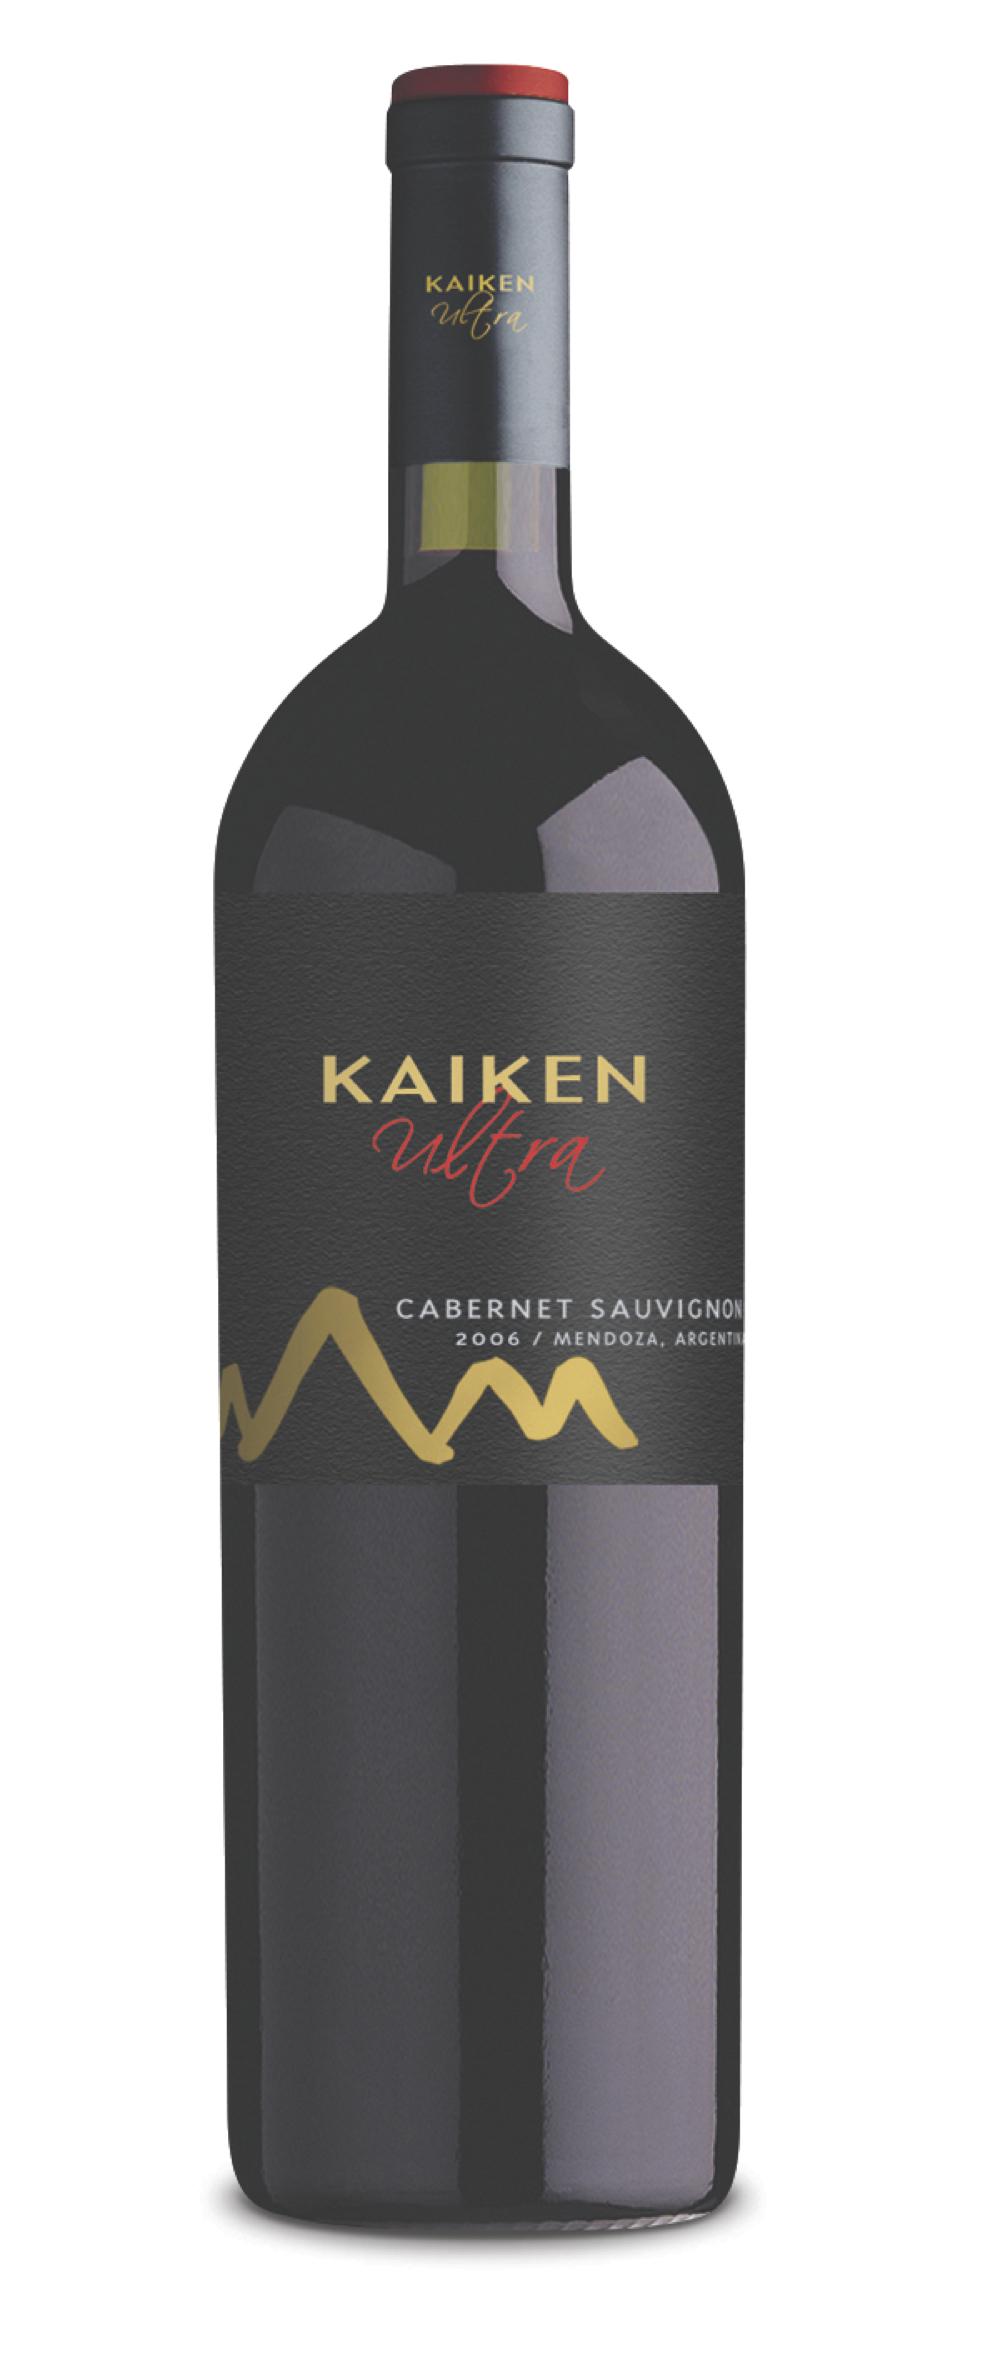 co_upia_de_Kaiken_Ultra_Cabernet_Sauvignon.jpg